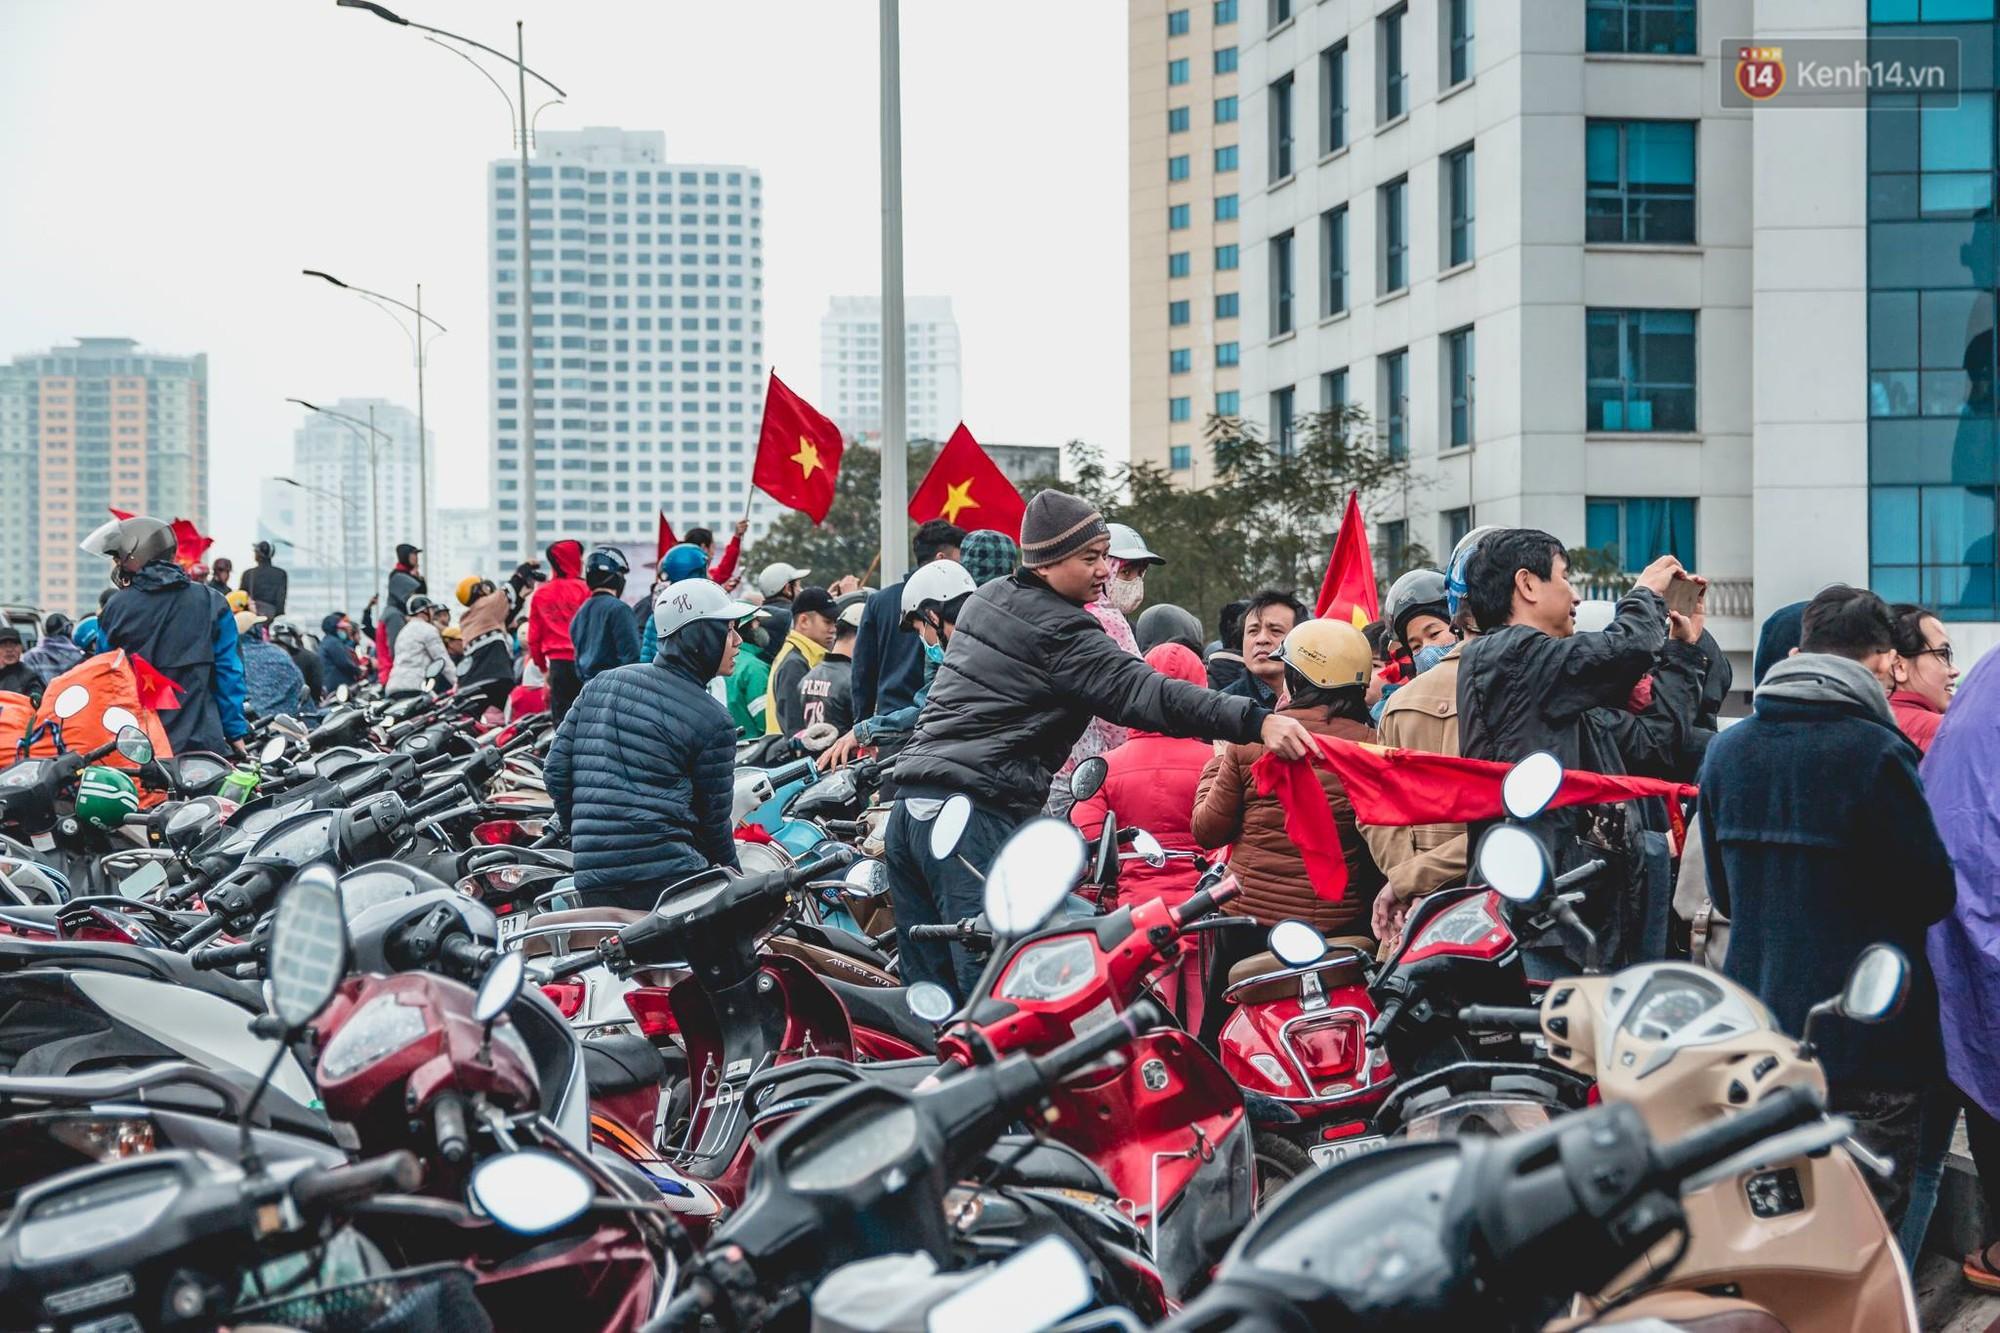 Tình yêu người hâm mộ quá lớn: Đường phố rợp xe và cờ, hơn 4 tiếng đoàn xe của U23 Việt Nam mới có thể tiến vào nội đô - Ảnh 16.